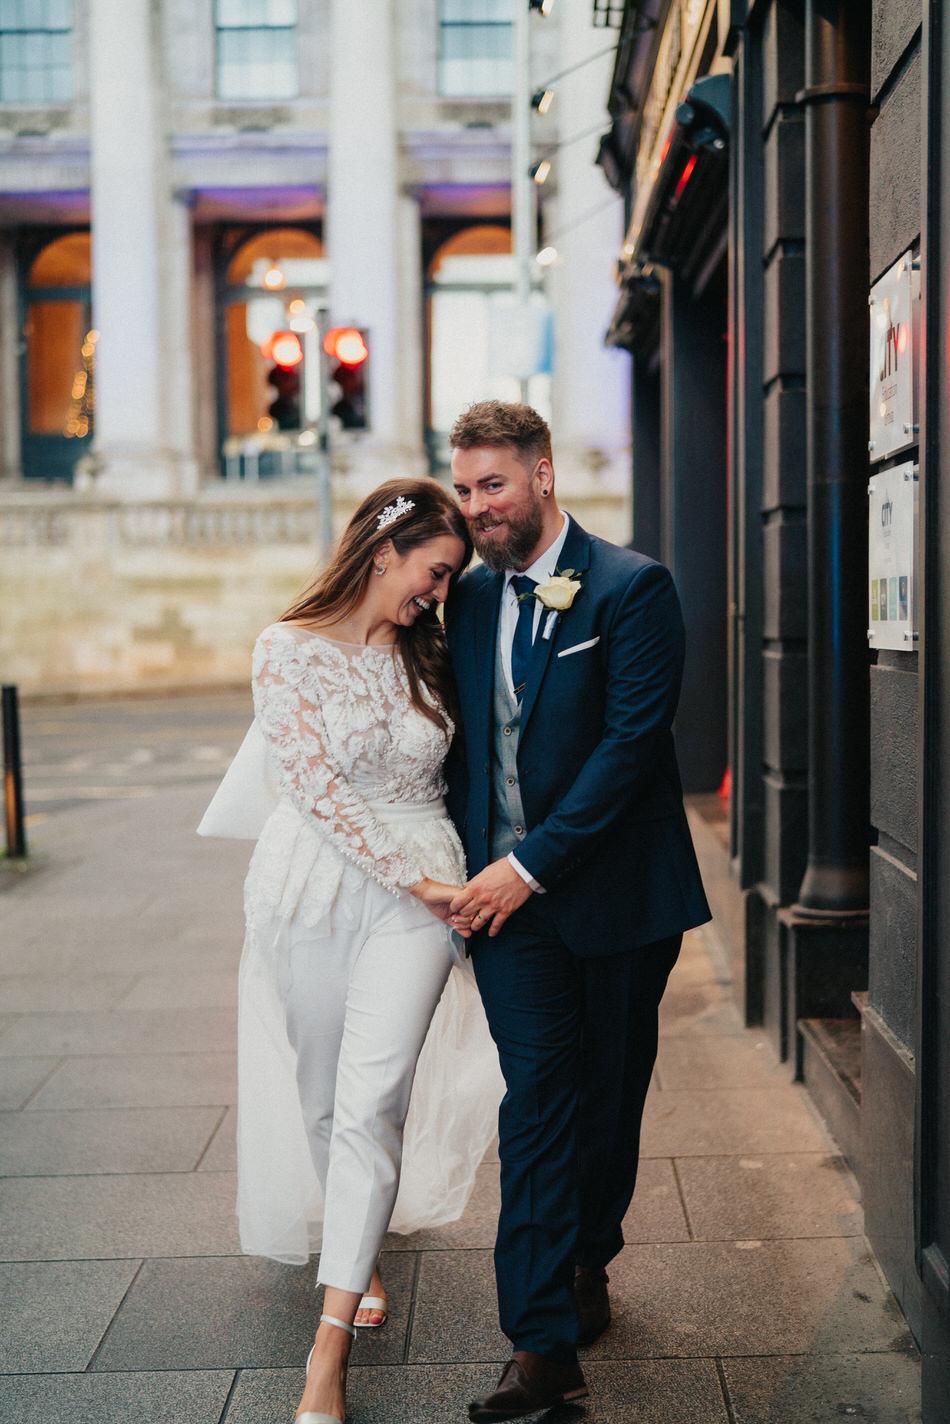 City-hall-dublin-wedding-photos-74 73